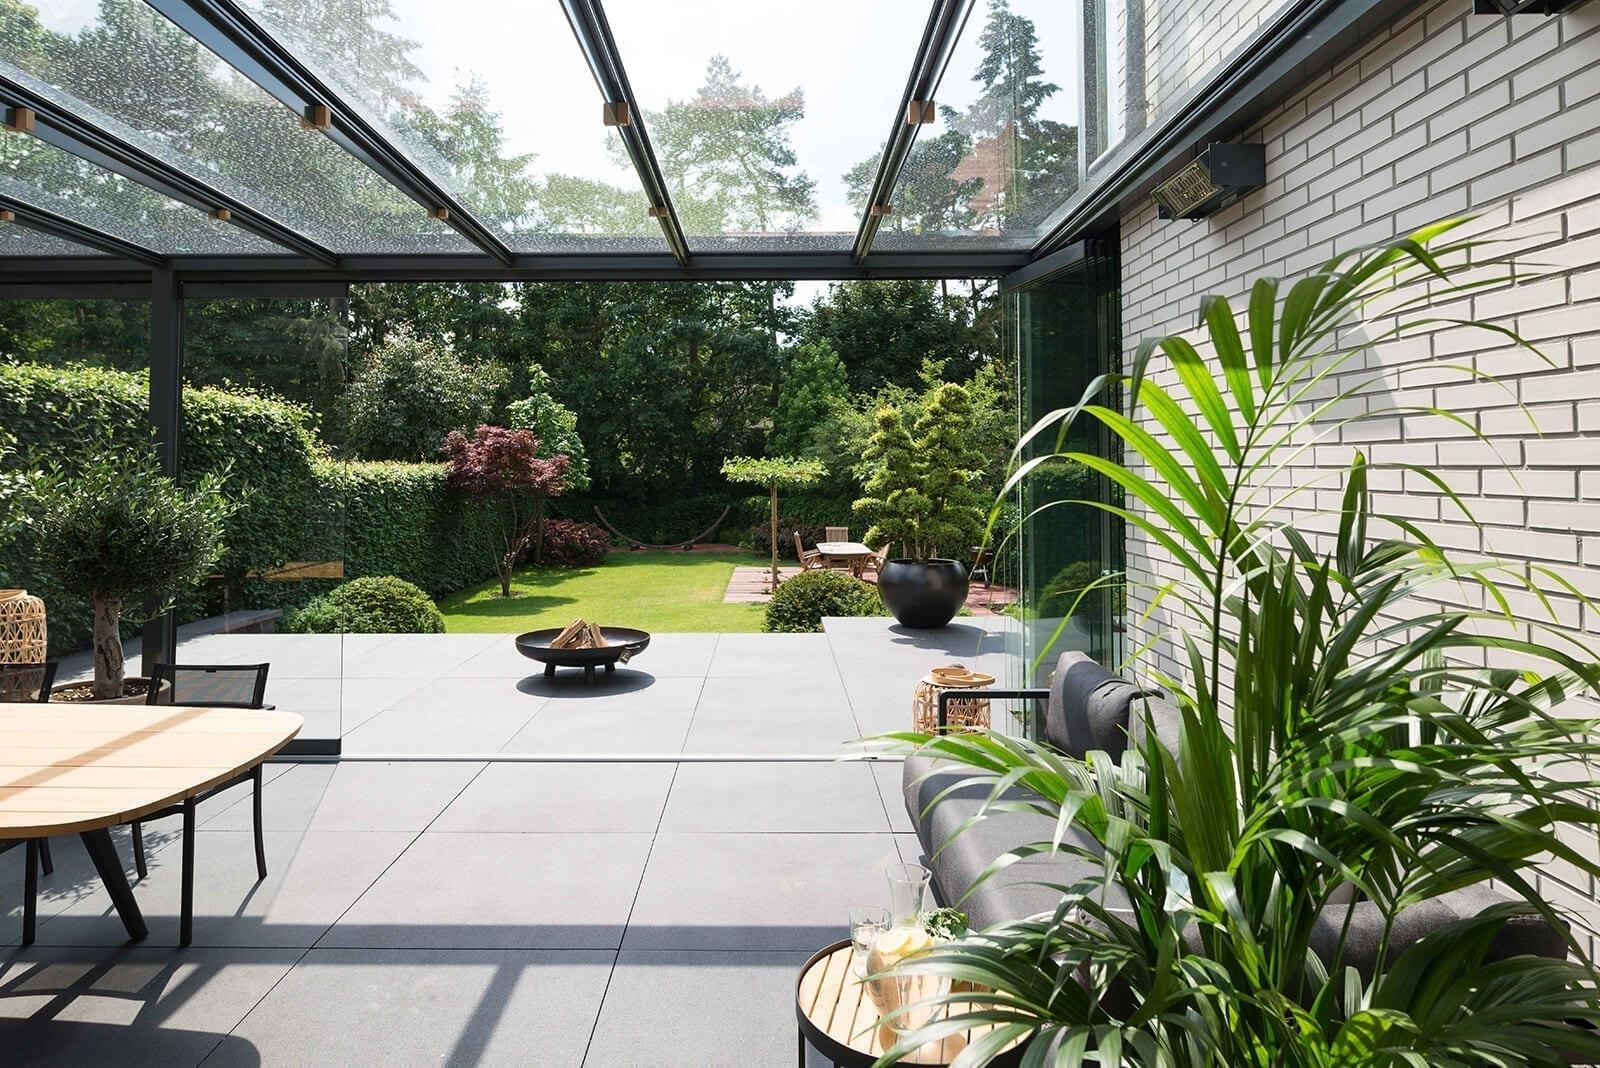 Glazen tuinkamer Lois Van van Ee